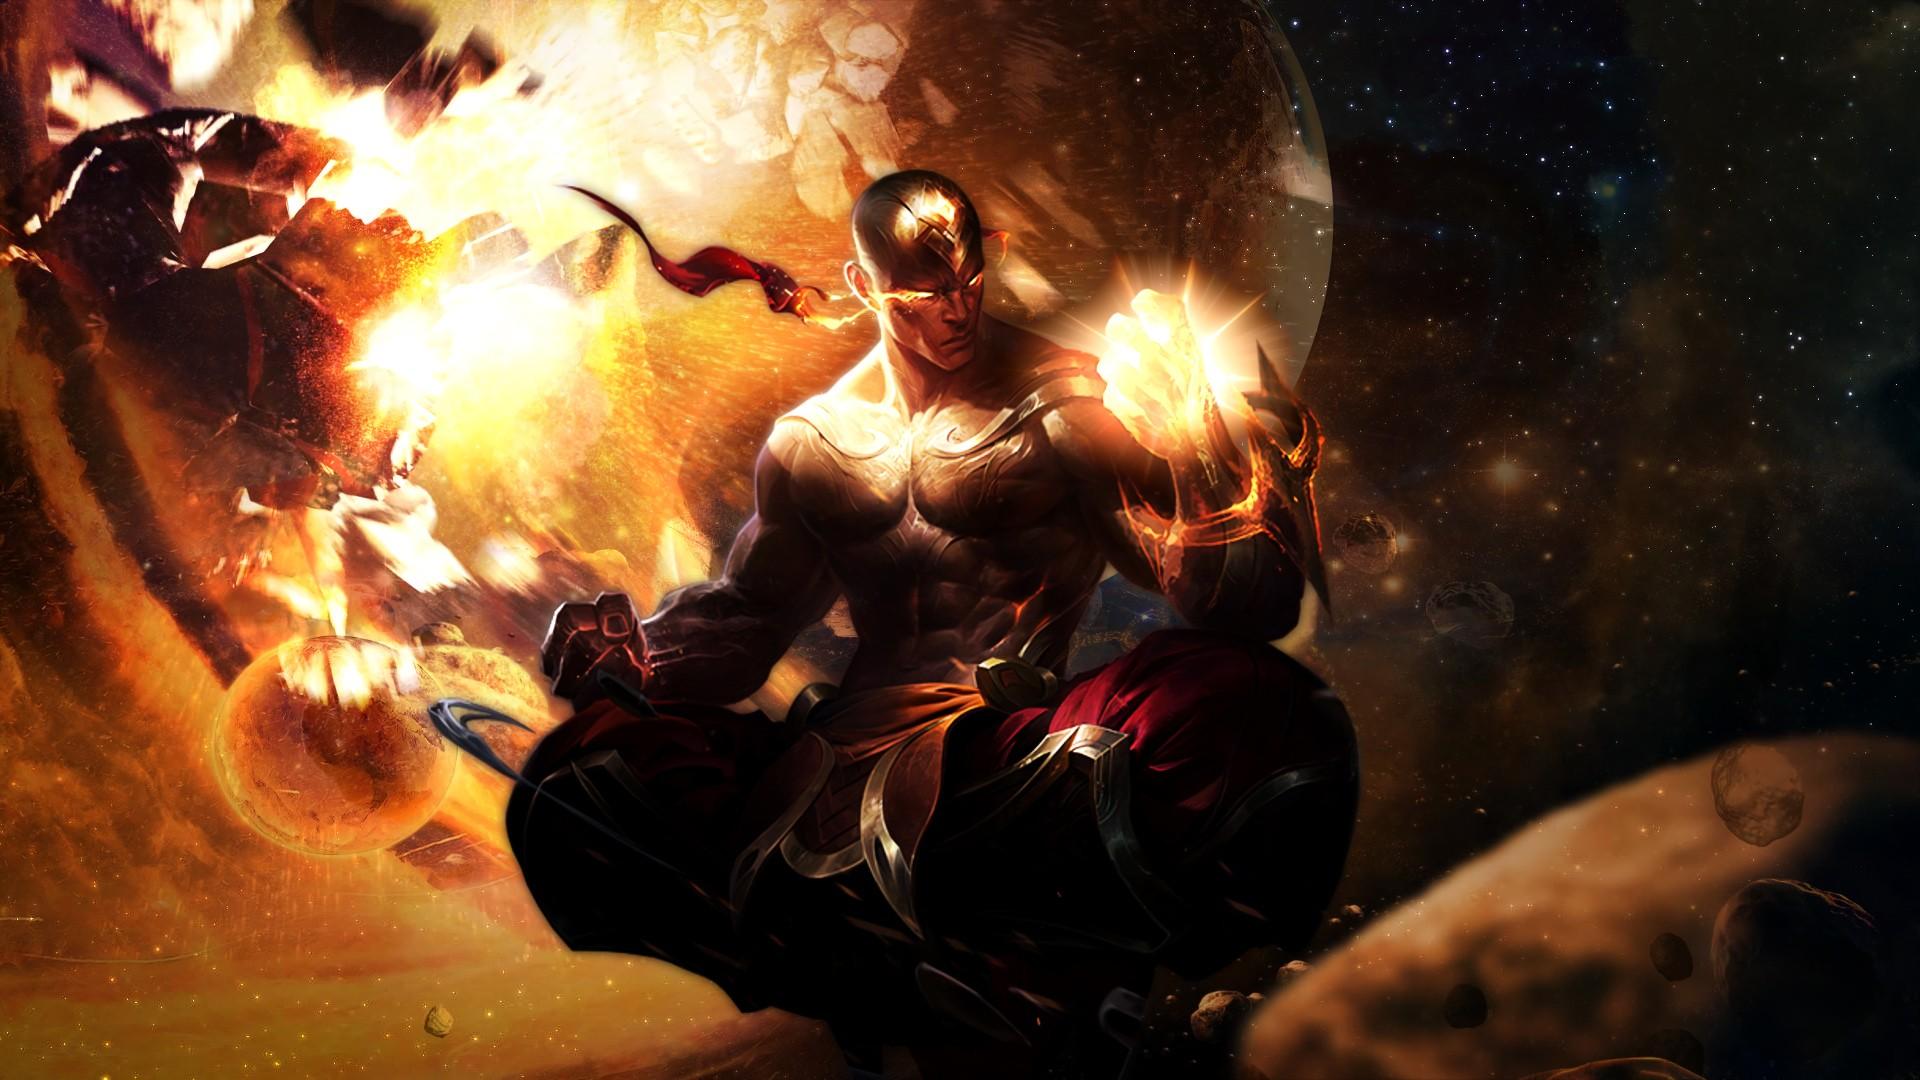 1920x1080 God Fist Lee Sin by nestroix HD Wallpaper Fan Art Artwork League of Legends lol